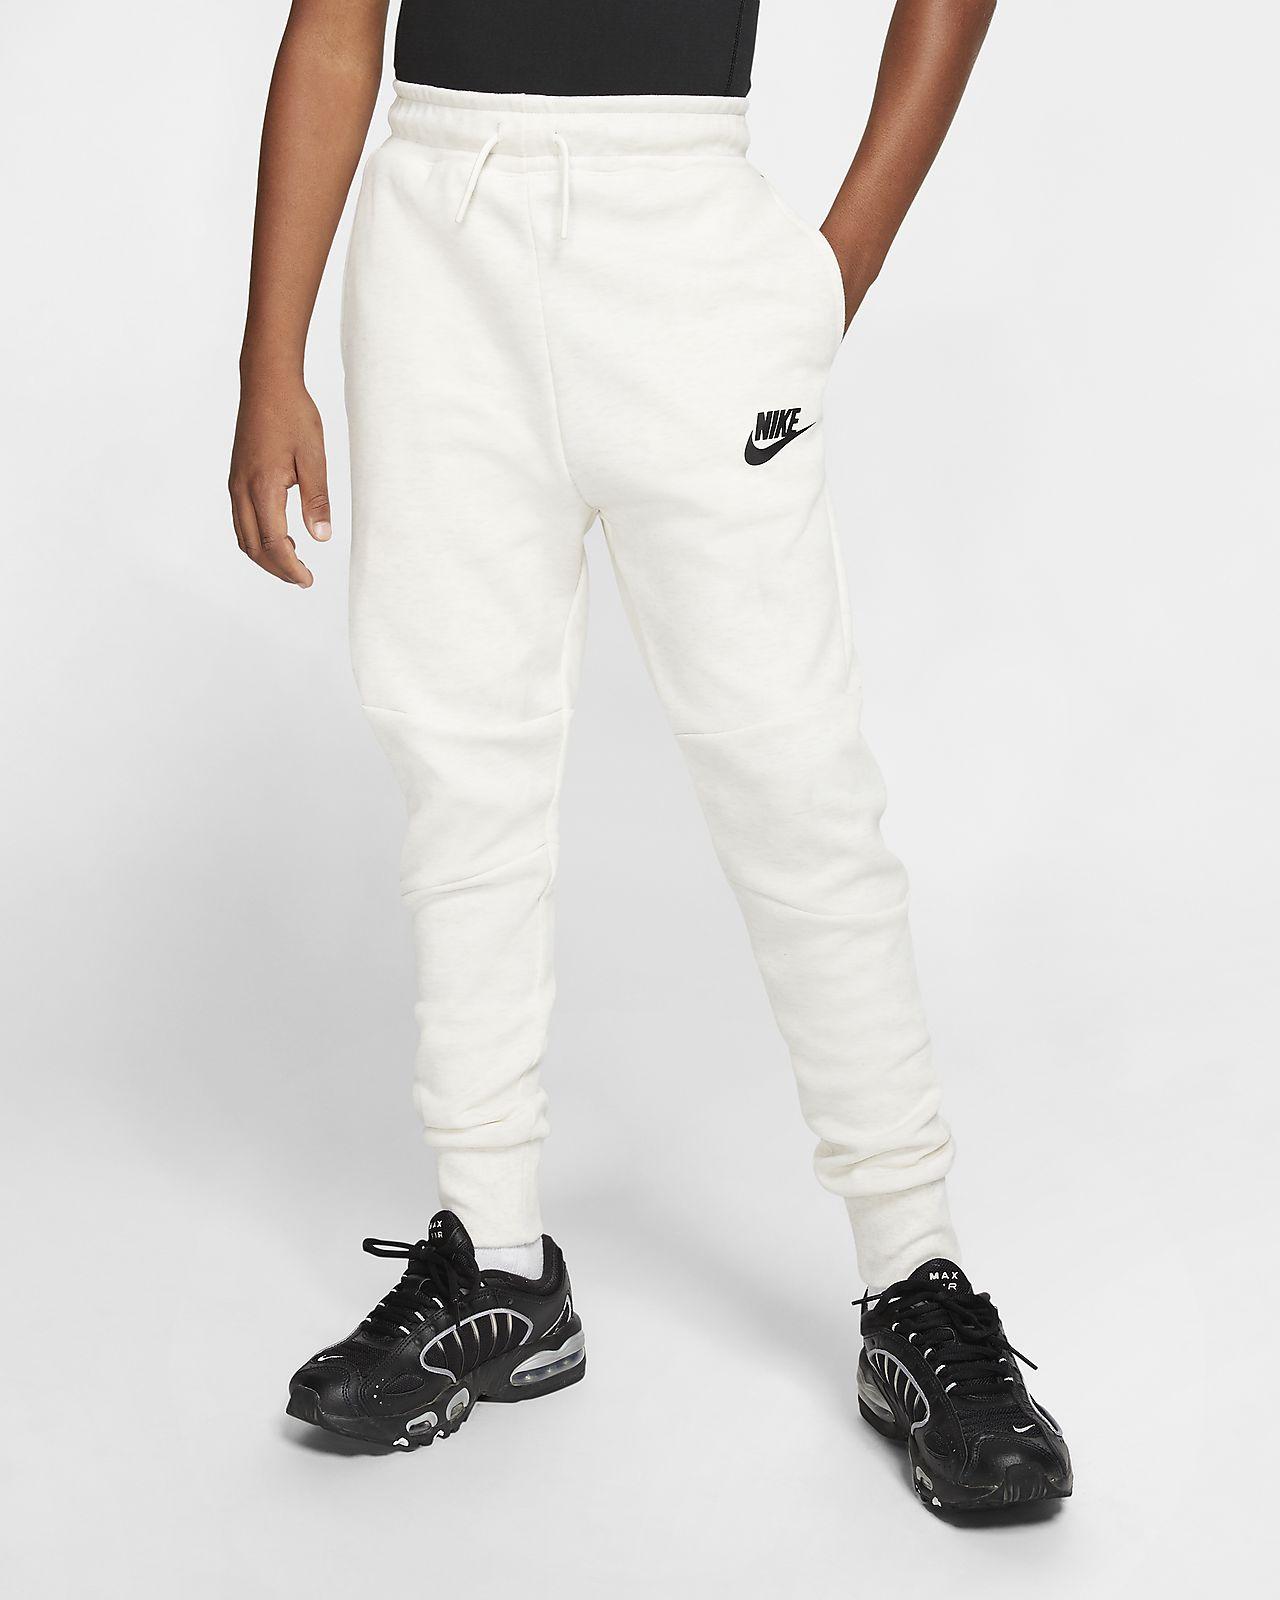 Nike Sportswear Older Kids' Tech Fleece Trousers